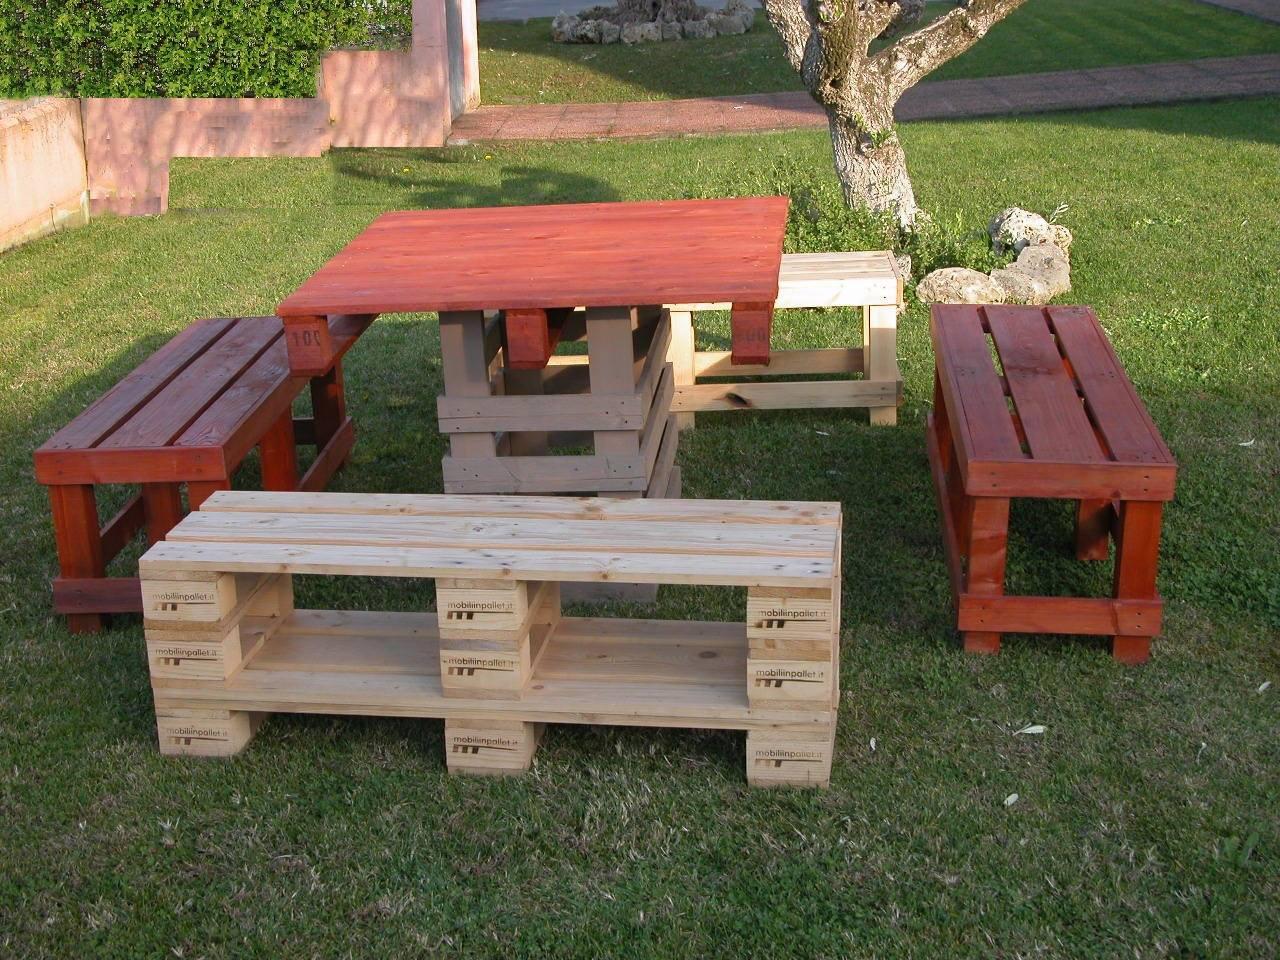 Realizzare Un Tavolo Da Giardino.Come Costruire Un Tavolo Da Giardino Con I Bancali Cose Che Puoi